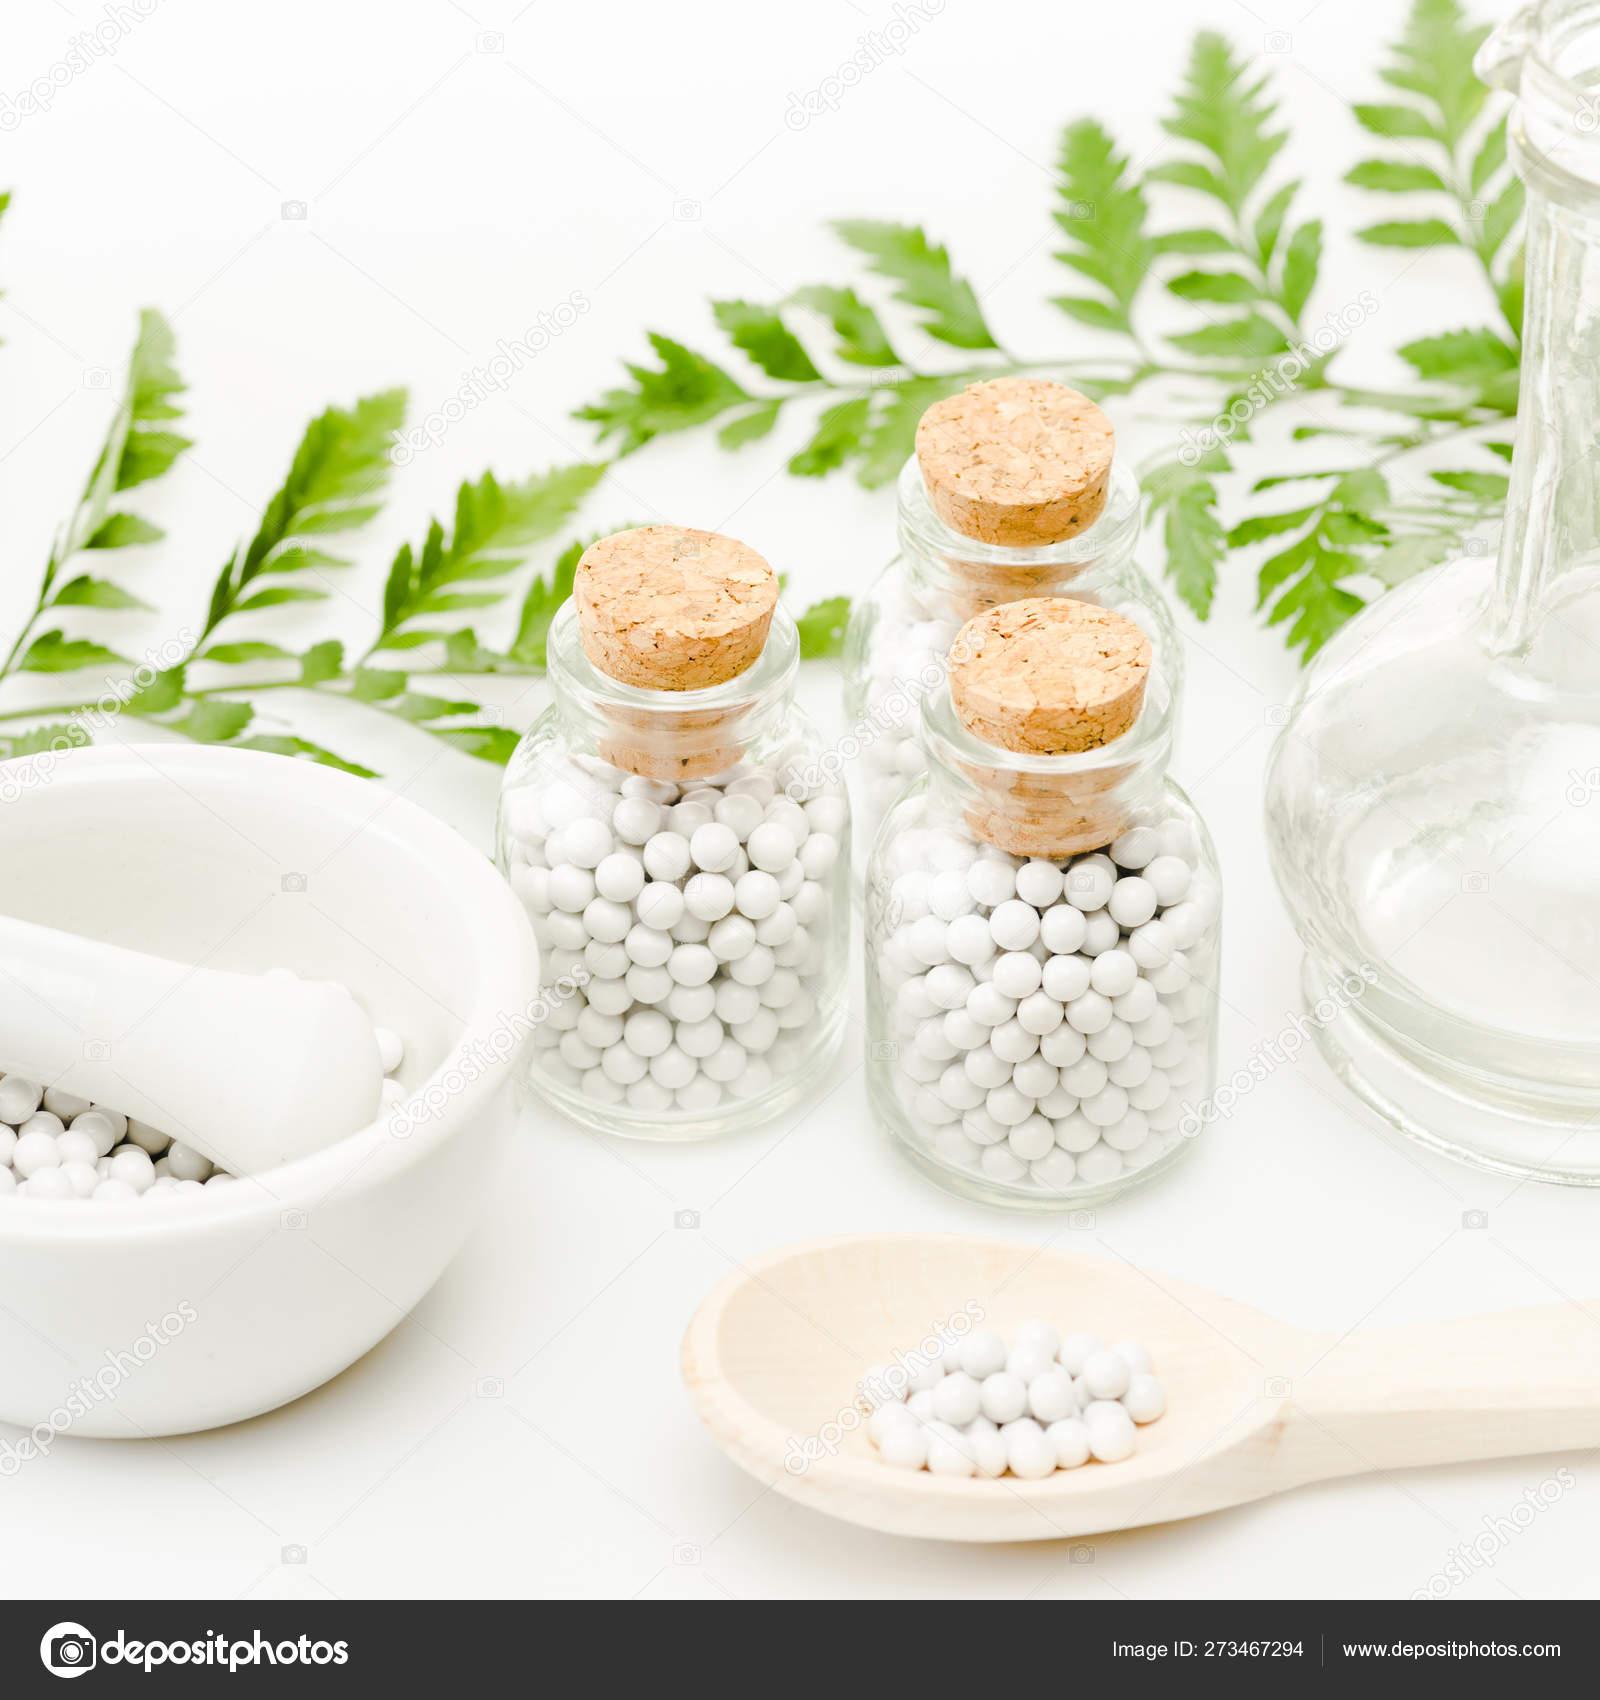 Glass Bottles Small Pills Mortar Pestle Wooden Spoon Jar Green